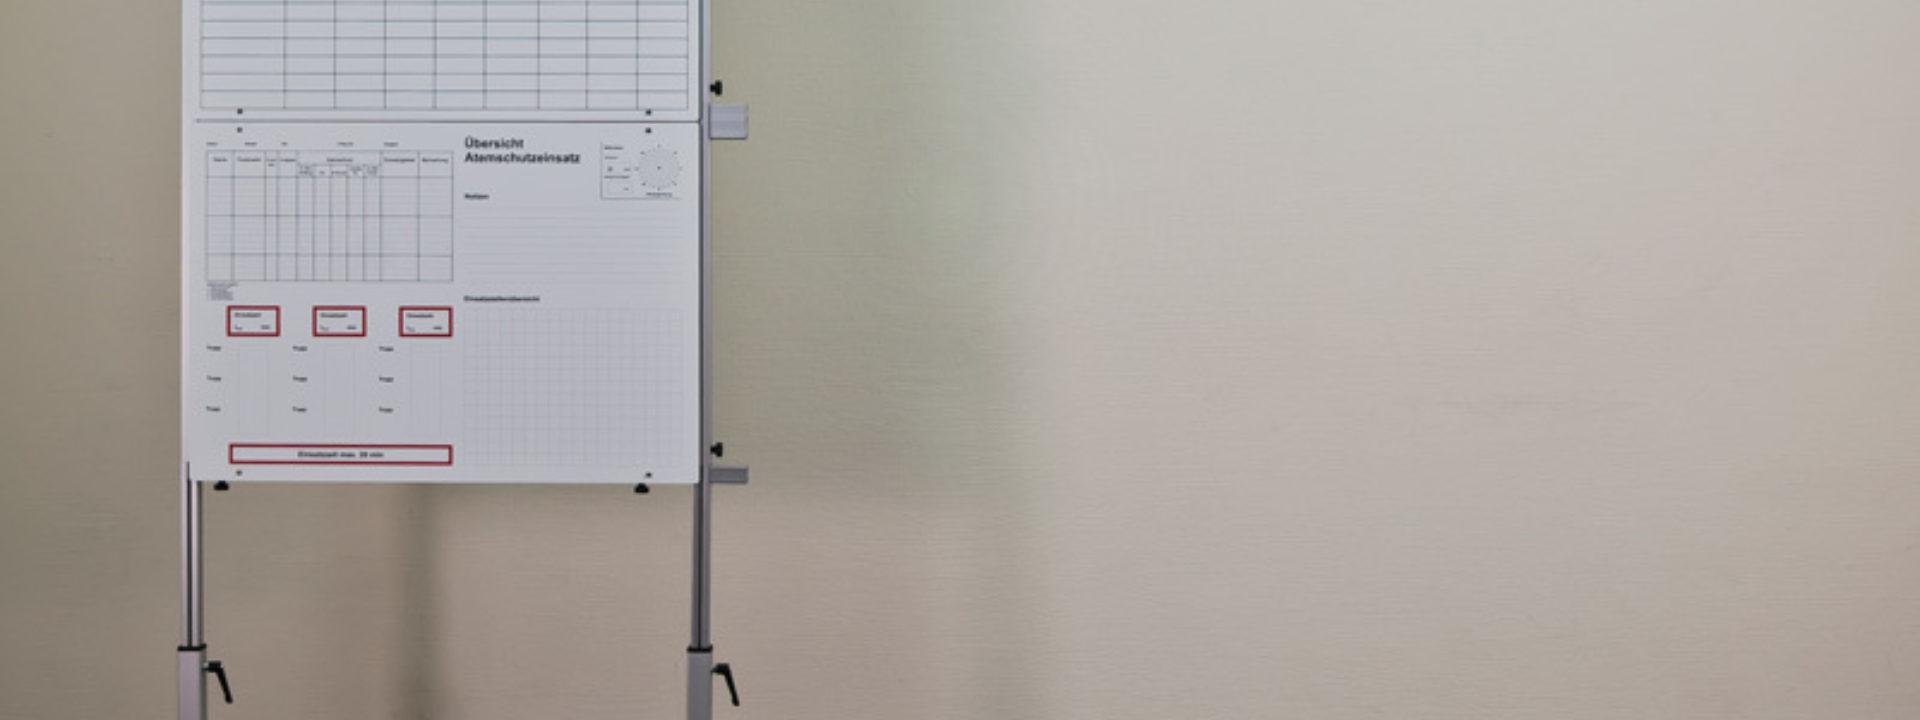 Tafelsatz Führung - Aufbau 8